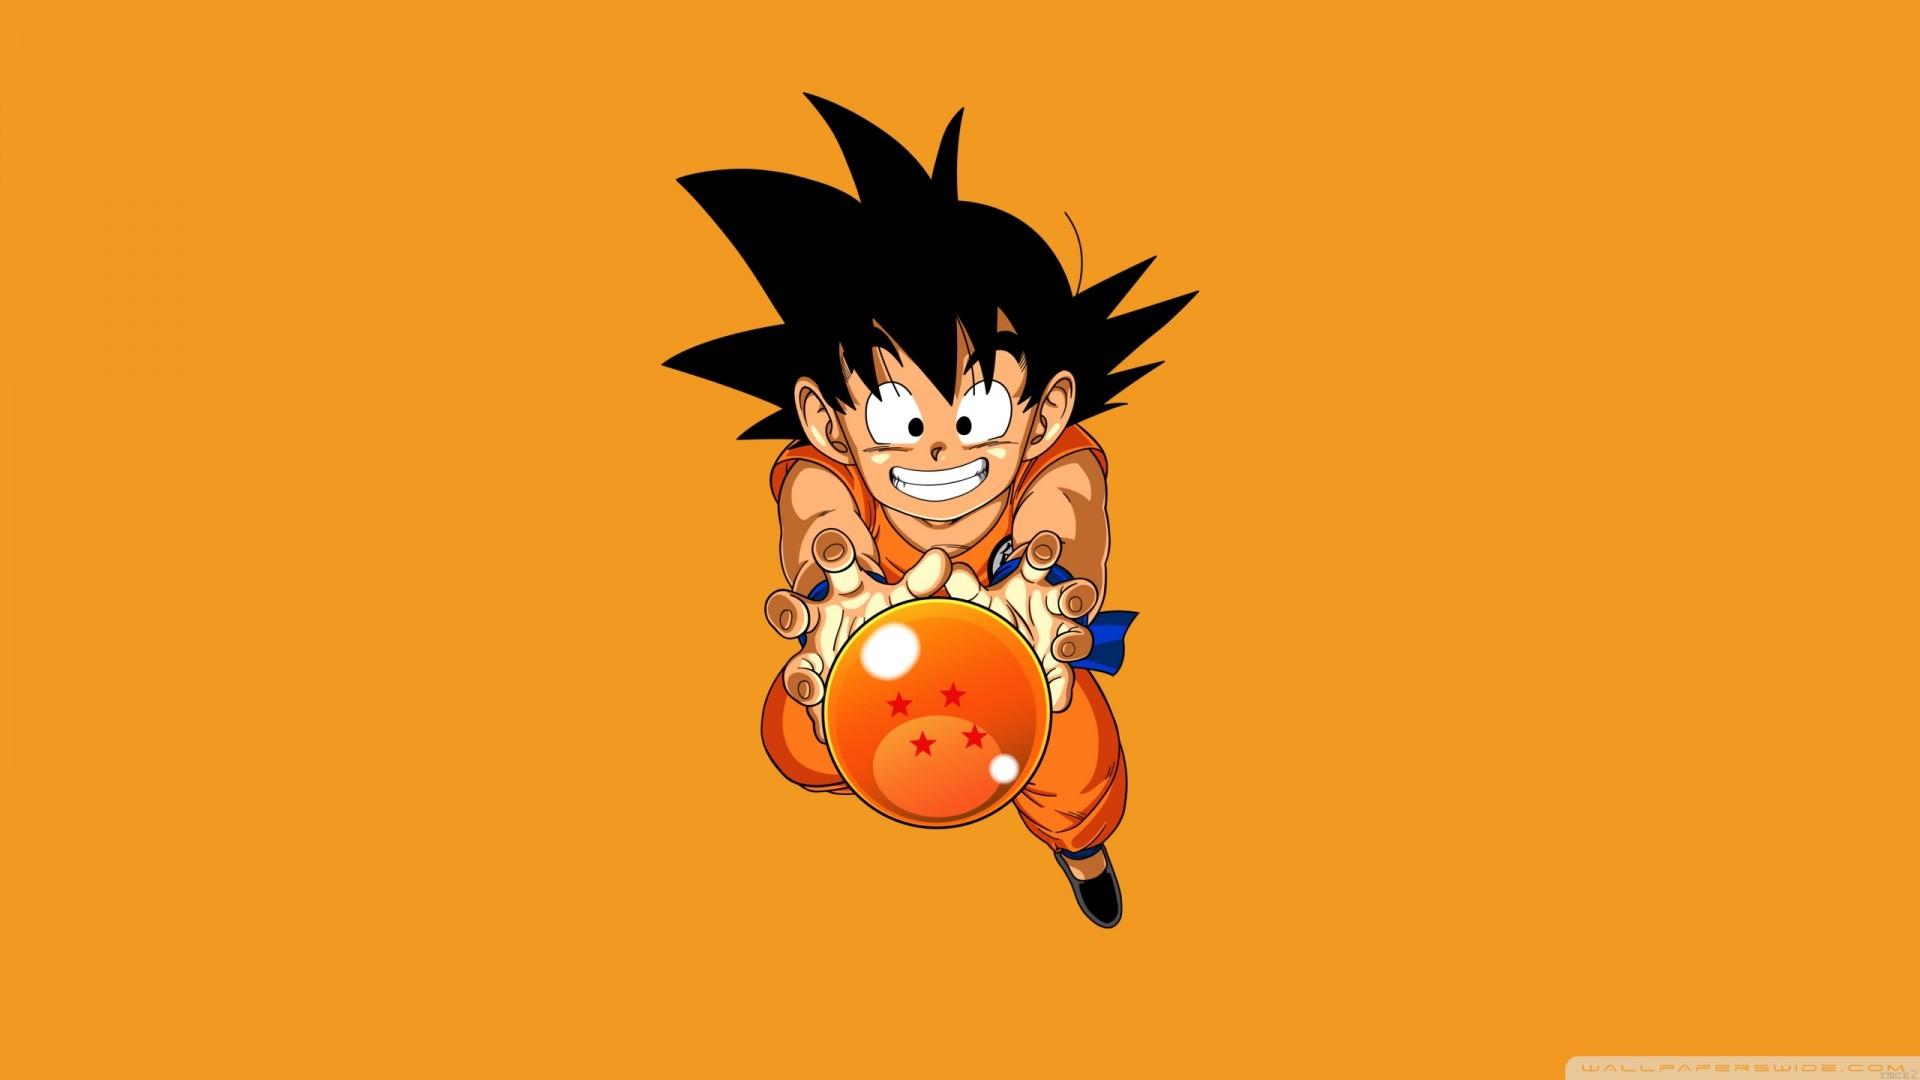 Small Goku